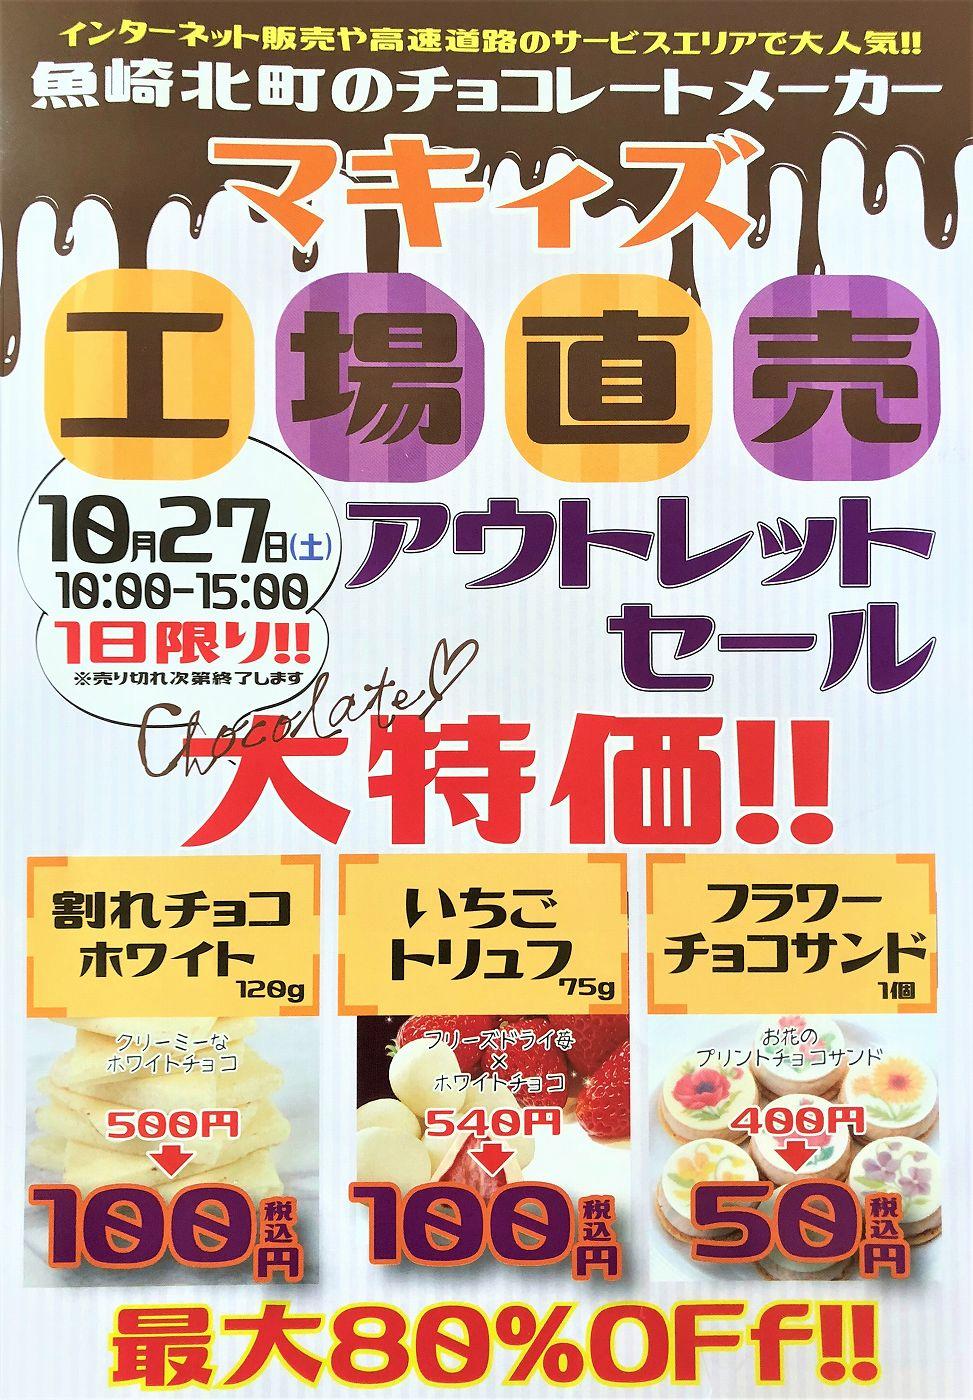 【※耳より情報】チョコレートメーカーの「マキィズ」が10/27(土)、1日限りのアウトレットセールを魚崎北町で開催するよ! #マキィズ #アウトレットセール #チョコレート #東灘区 #工場直売